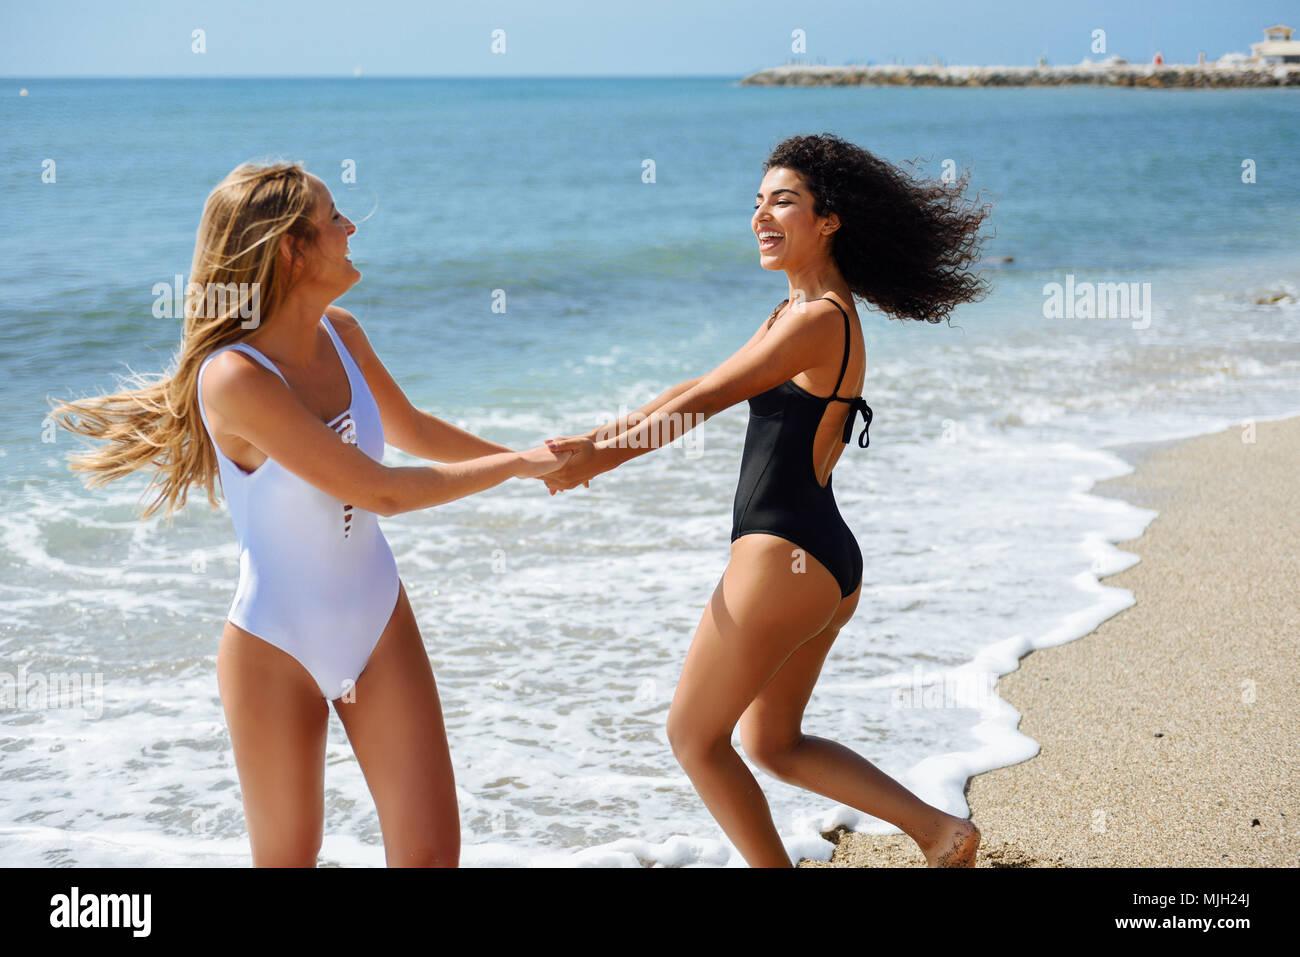 0e3961a28 Dos mujeres jóvenes con bellos cuerpos en traje de baño de divertirse con  sus manos atrapadas